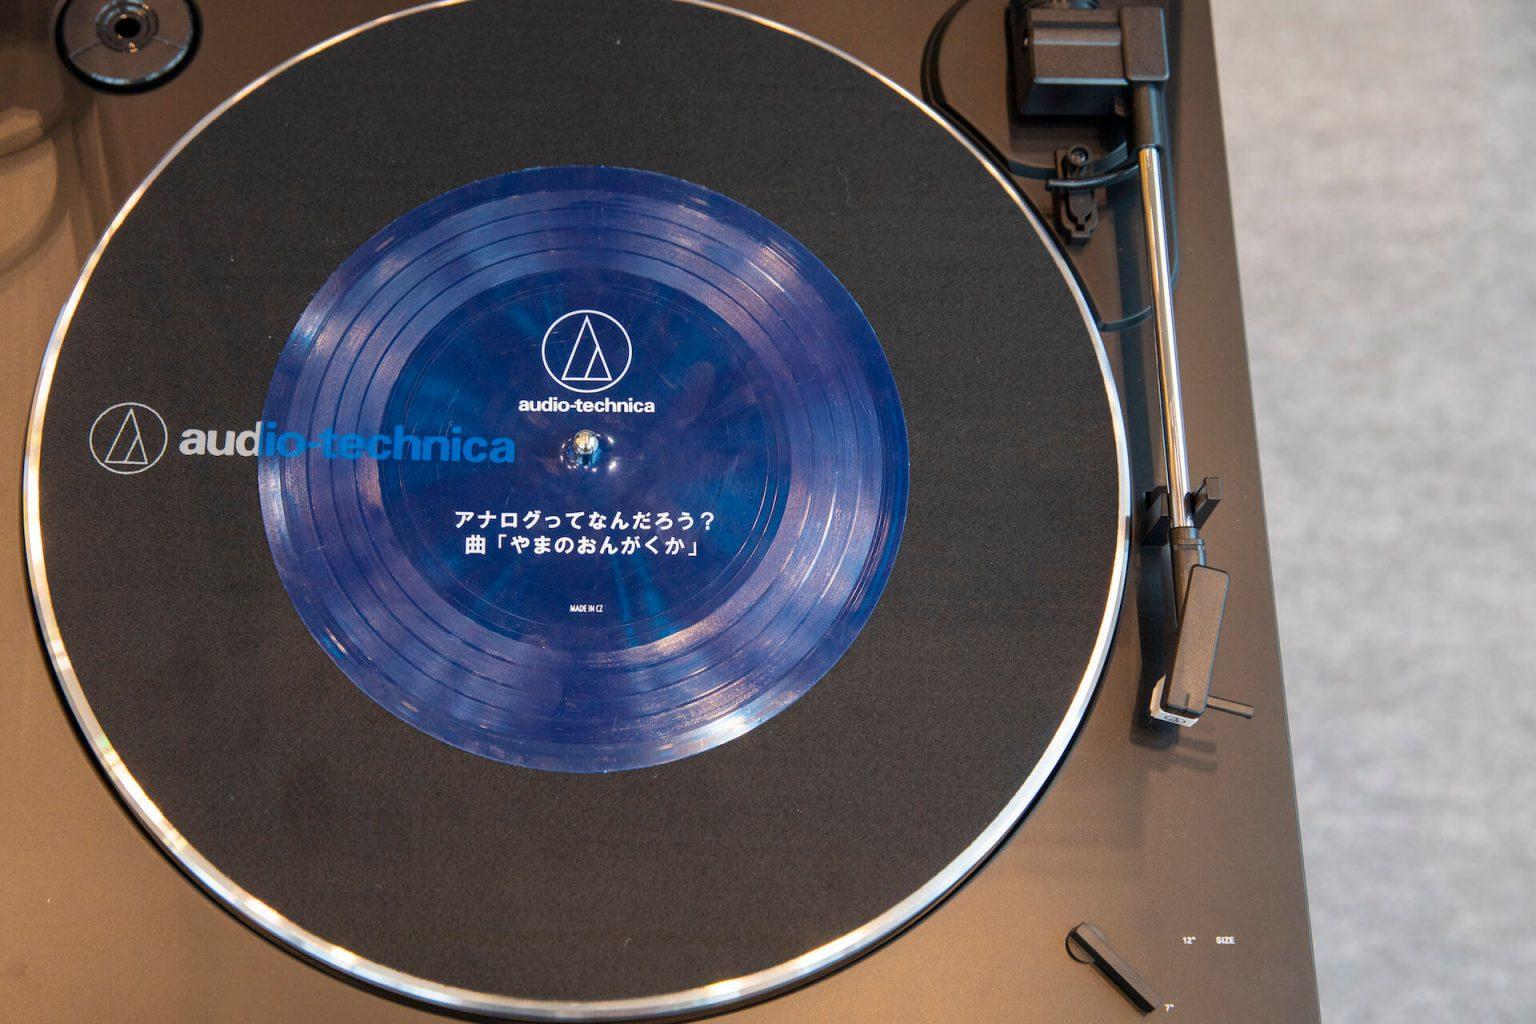 MG_1133-1440x960 アナログってなんだろう––デジタルネイティブ世代に伝えたいアナログ音楽の魅力